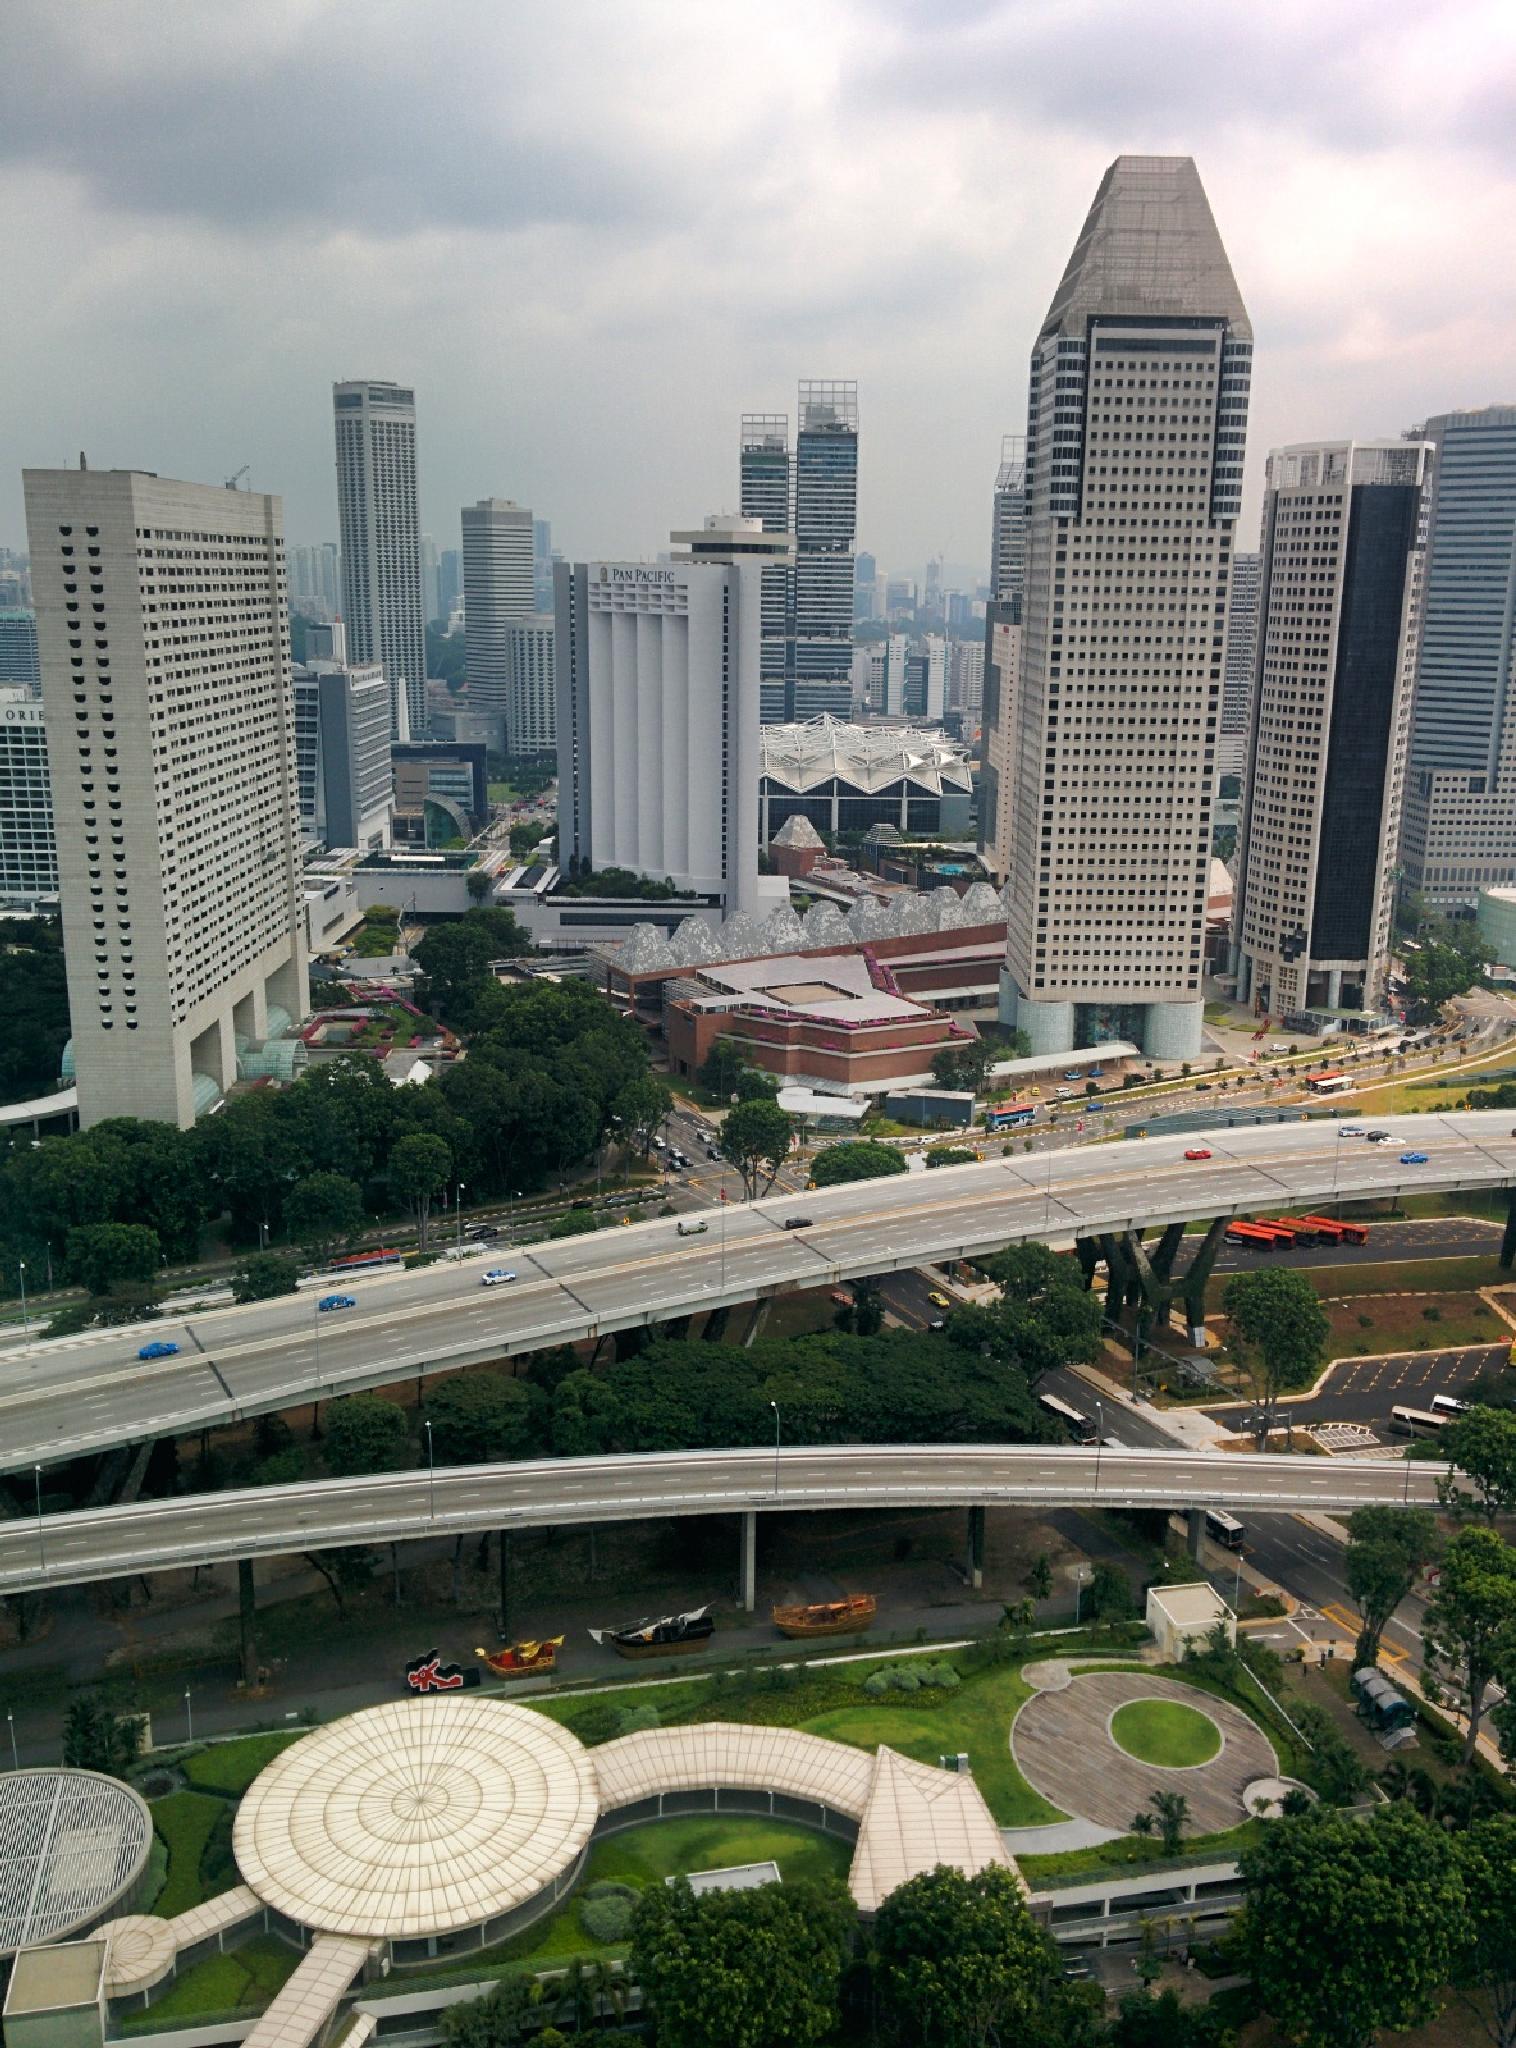 Singapore by Dhiraj Agrawal